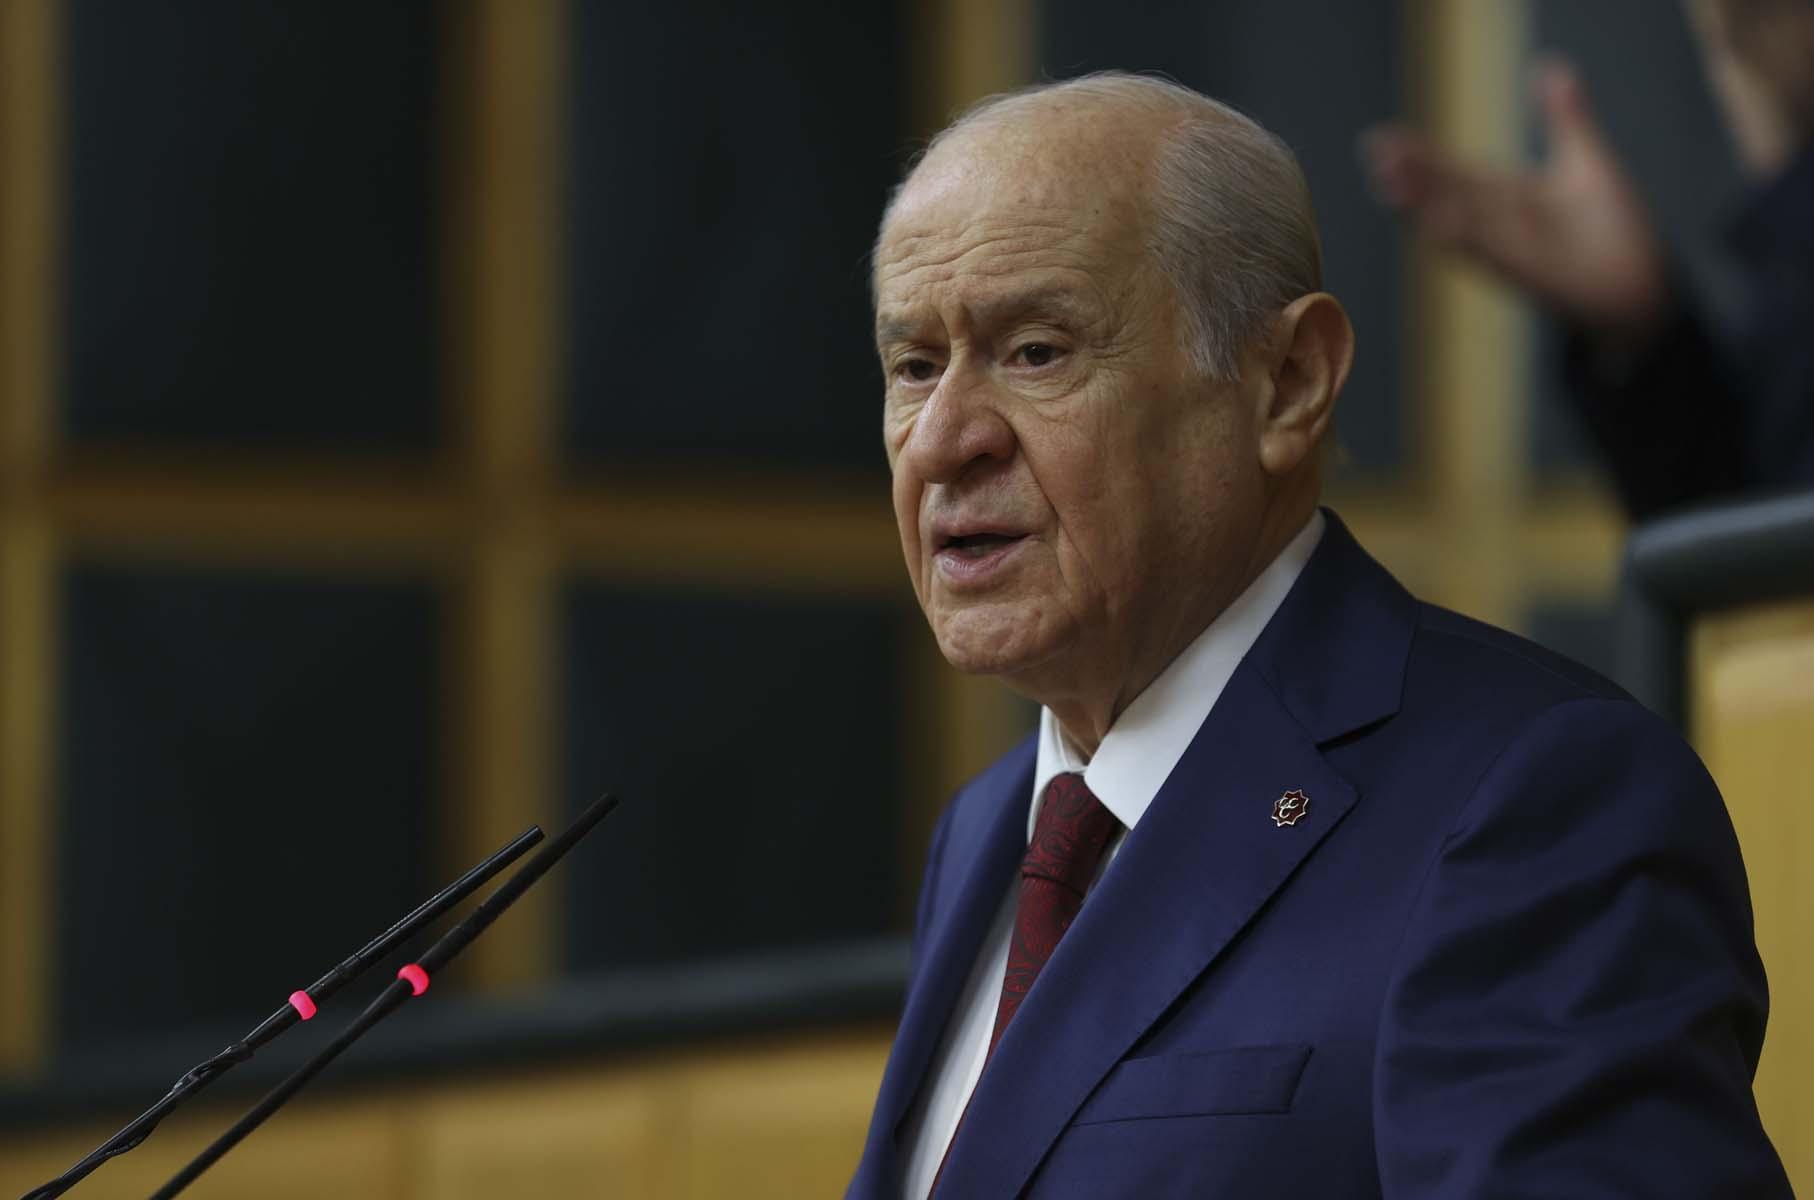 Son dakika   MHP lideri Bahçeli'den Kıbrıs açıklaması: Kıbrıs Türk'tür, Türk kalacaktır, Ankara'yla Kıbrıs'ın kaderi birdir.